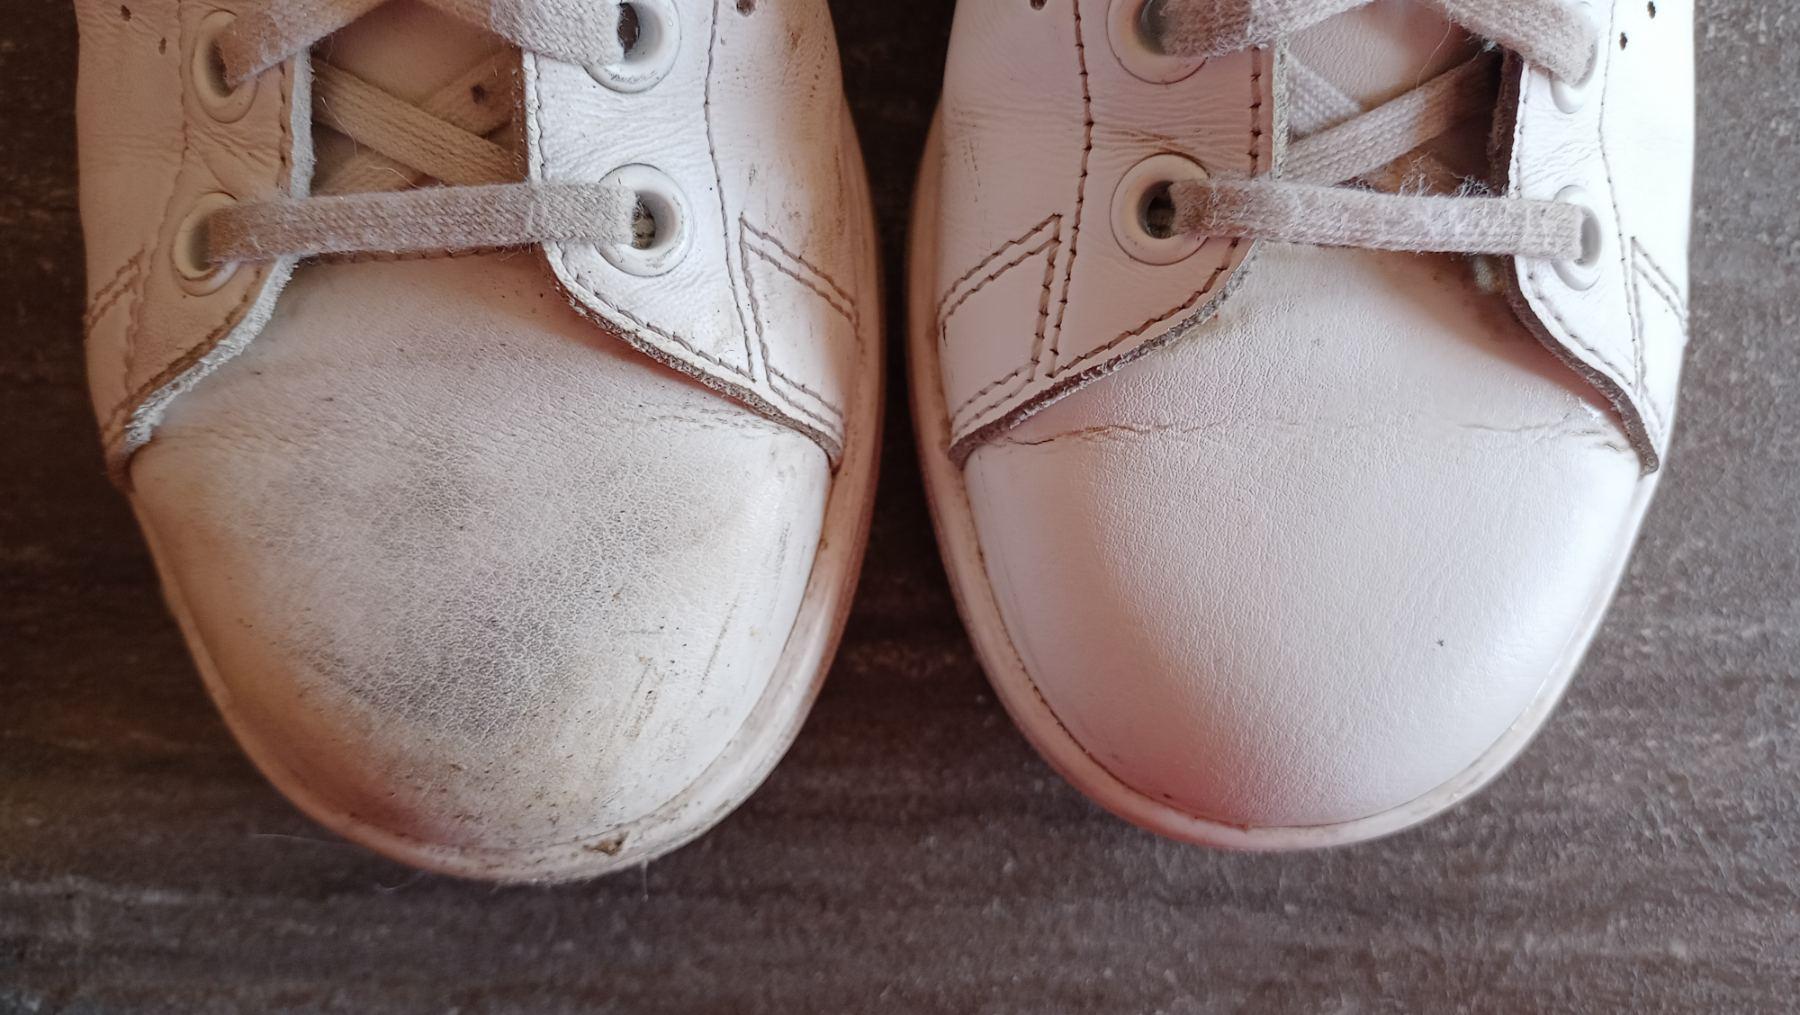 Sneakers Cleaner Philips - comparaison avant-après